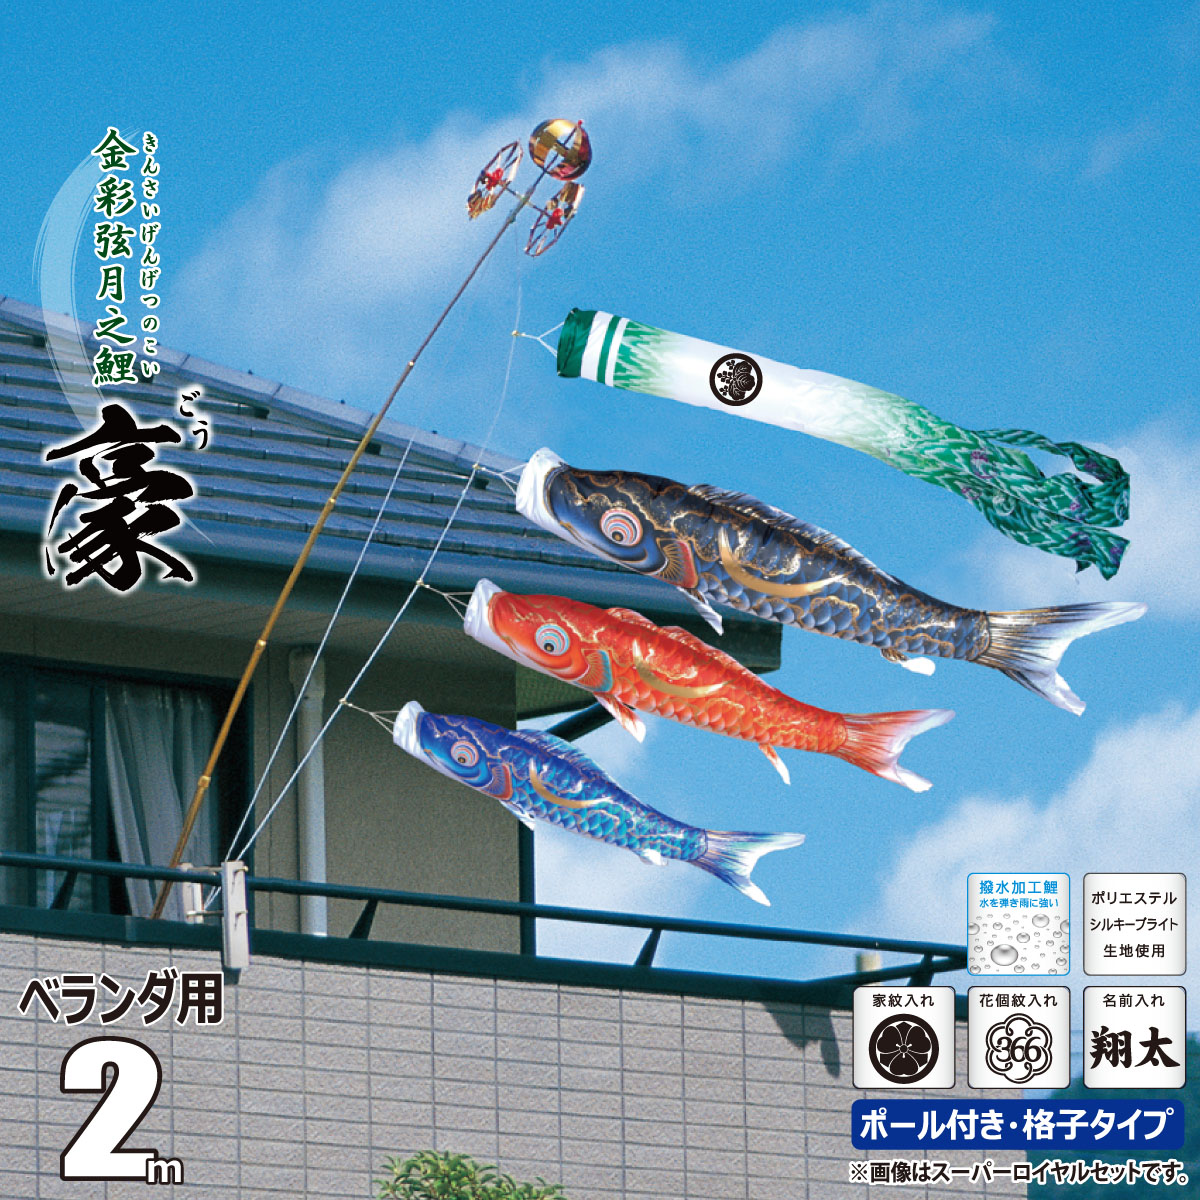 こいのぼり 2m 豪(ごう) (矢車、ロープ、吹流し、鯉3匹) ベランダ用 ロイヤルセット (ベランダ用 取付金具付き) 徳永鯉のぼり KIT-120-260